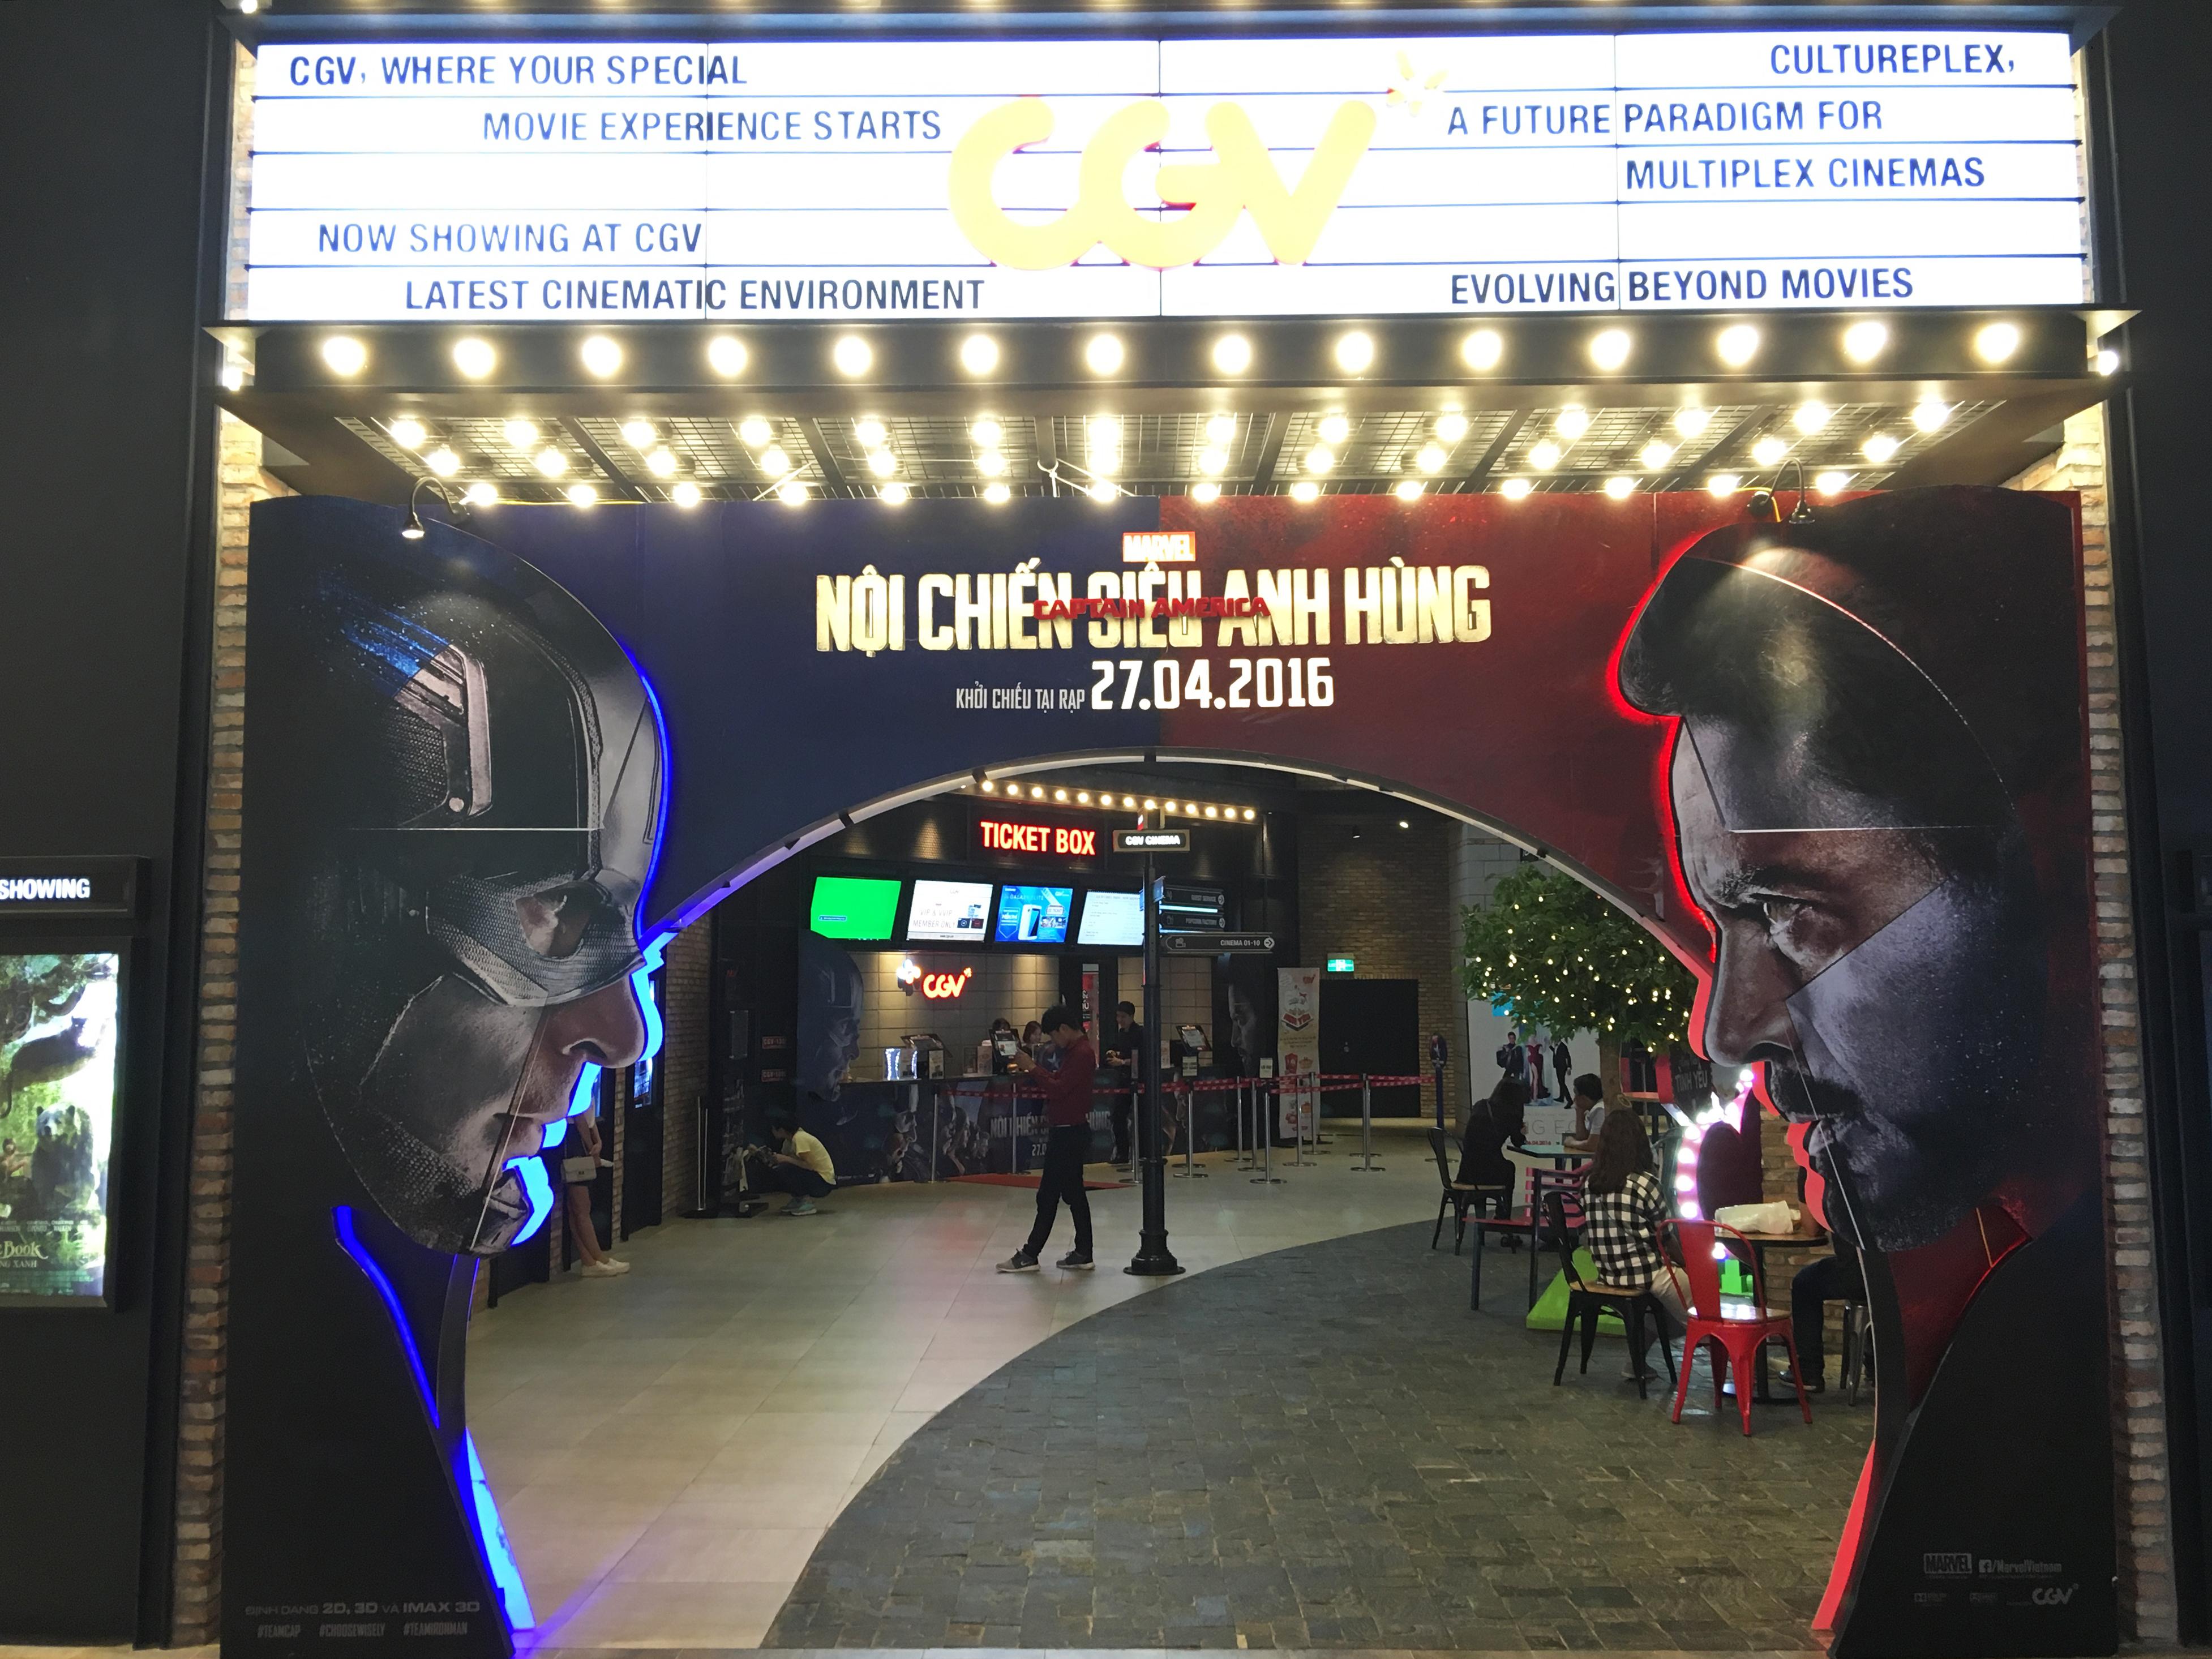 CGV 映画館